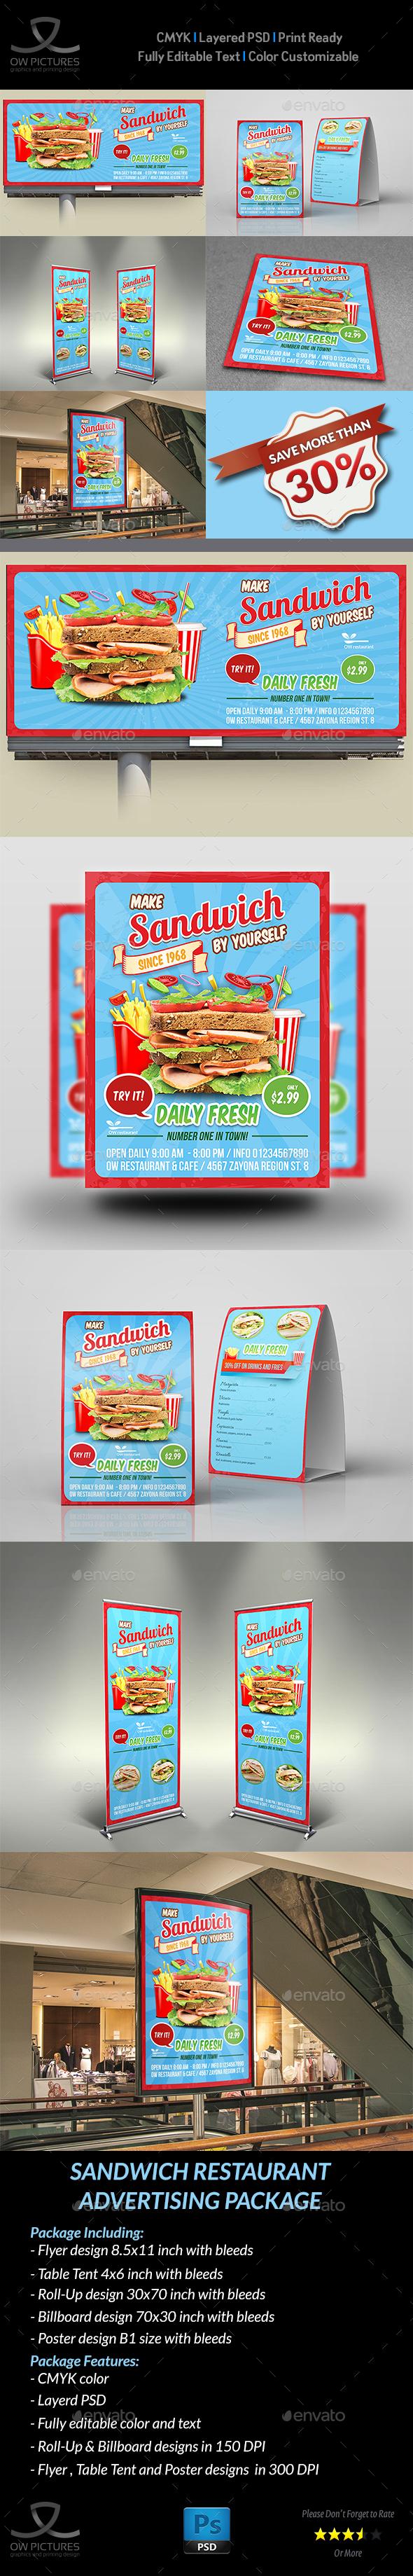 Sandwich Restaurant Advertising Bundle